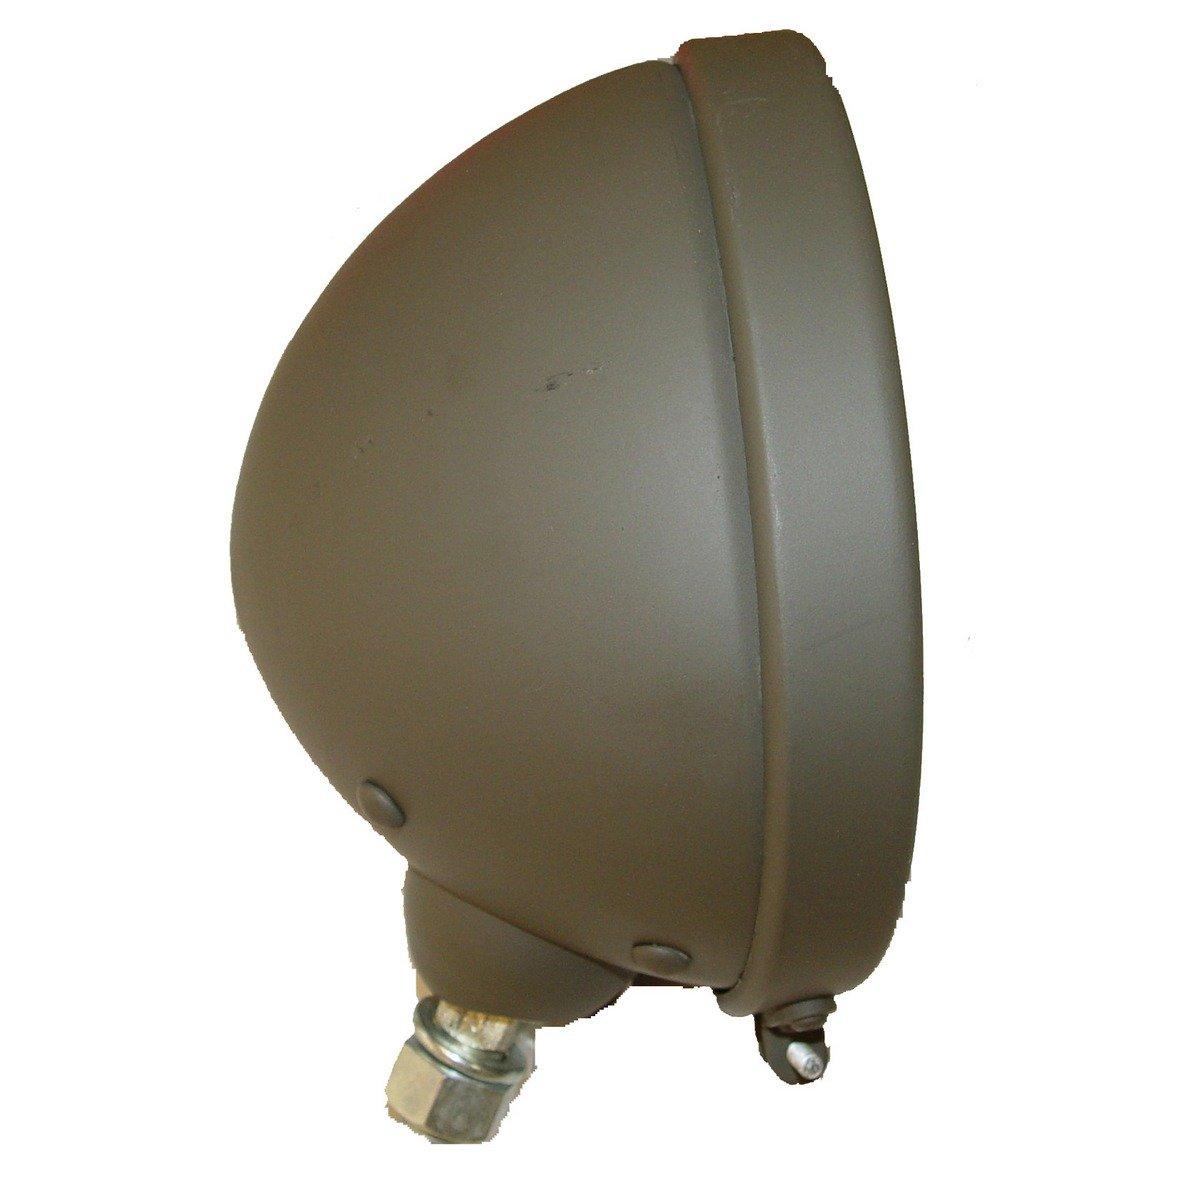 【2019正規激安】 Omix-ADA 12402.05 41-45 Headlamp Assembly Without Ford Bulb, 41-45 Willys B000FQ1PEO MB, Ford GPW B000FQ1PEO, タイラダテムラ:09f707be --- outdev.net